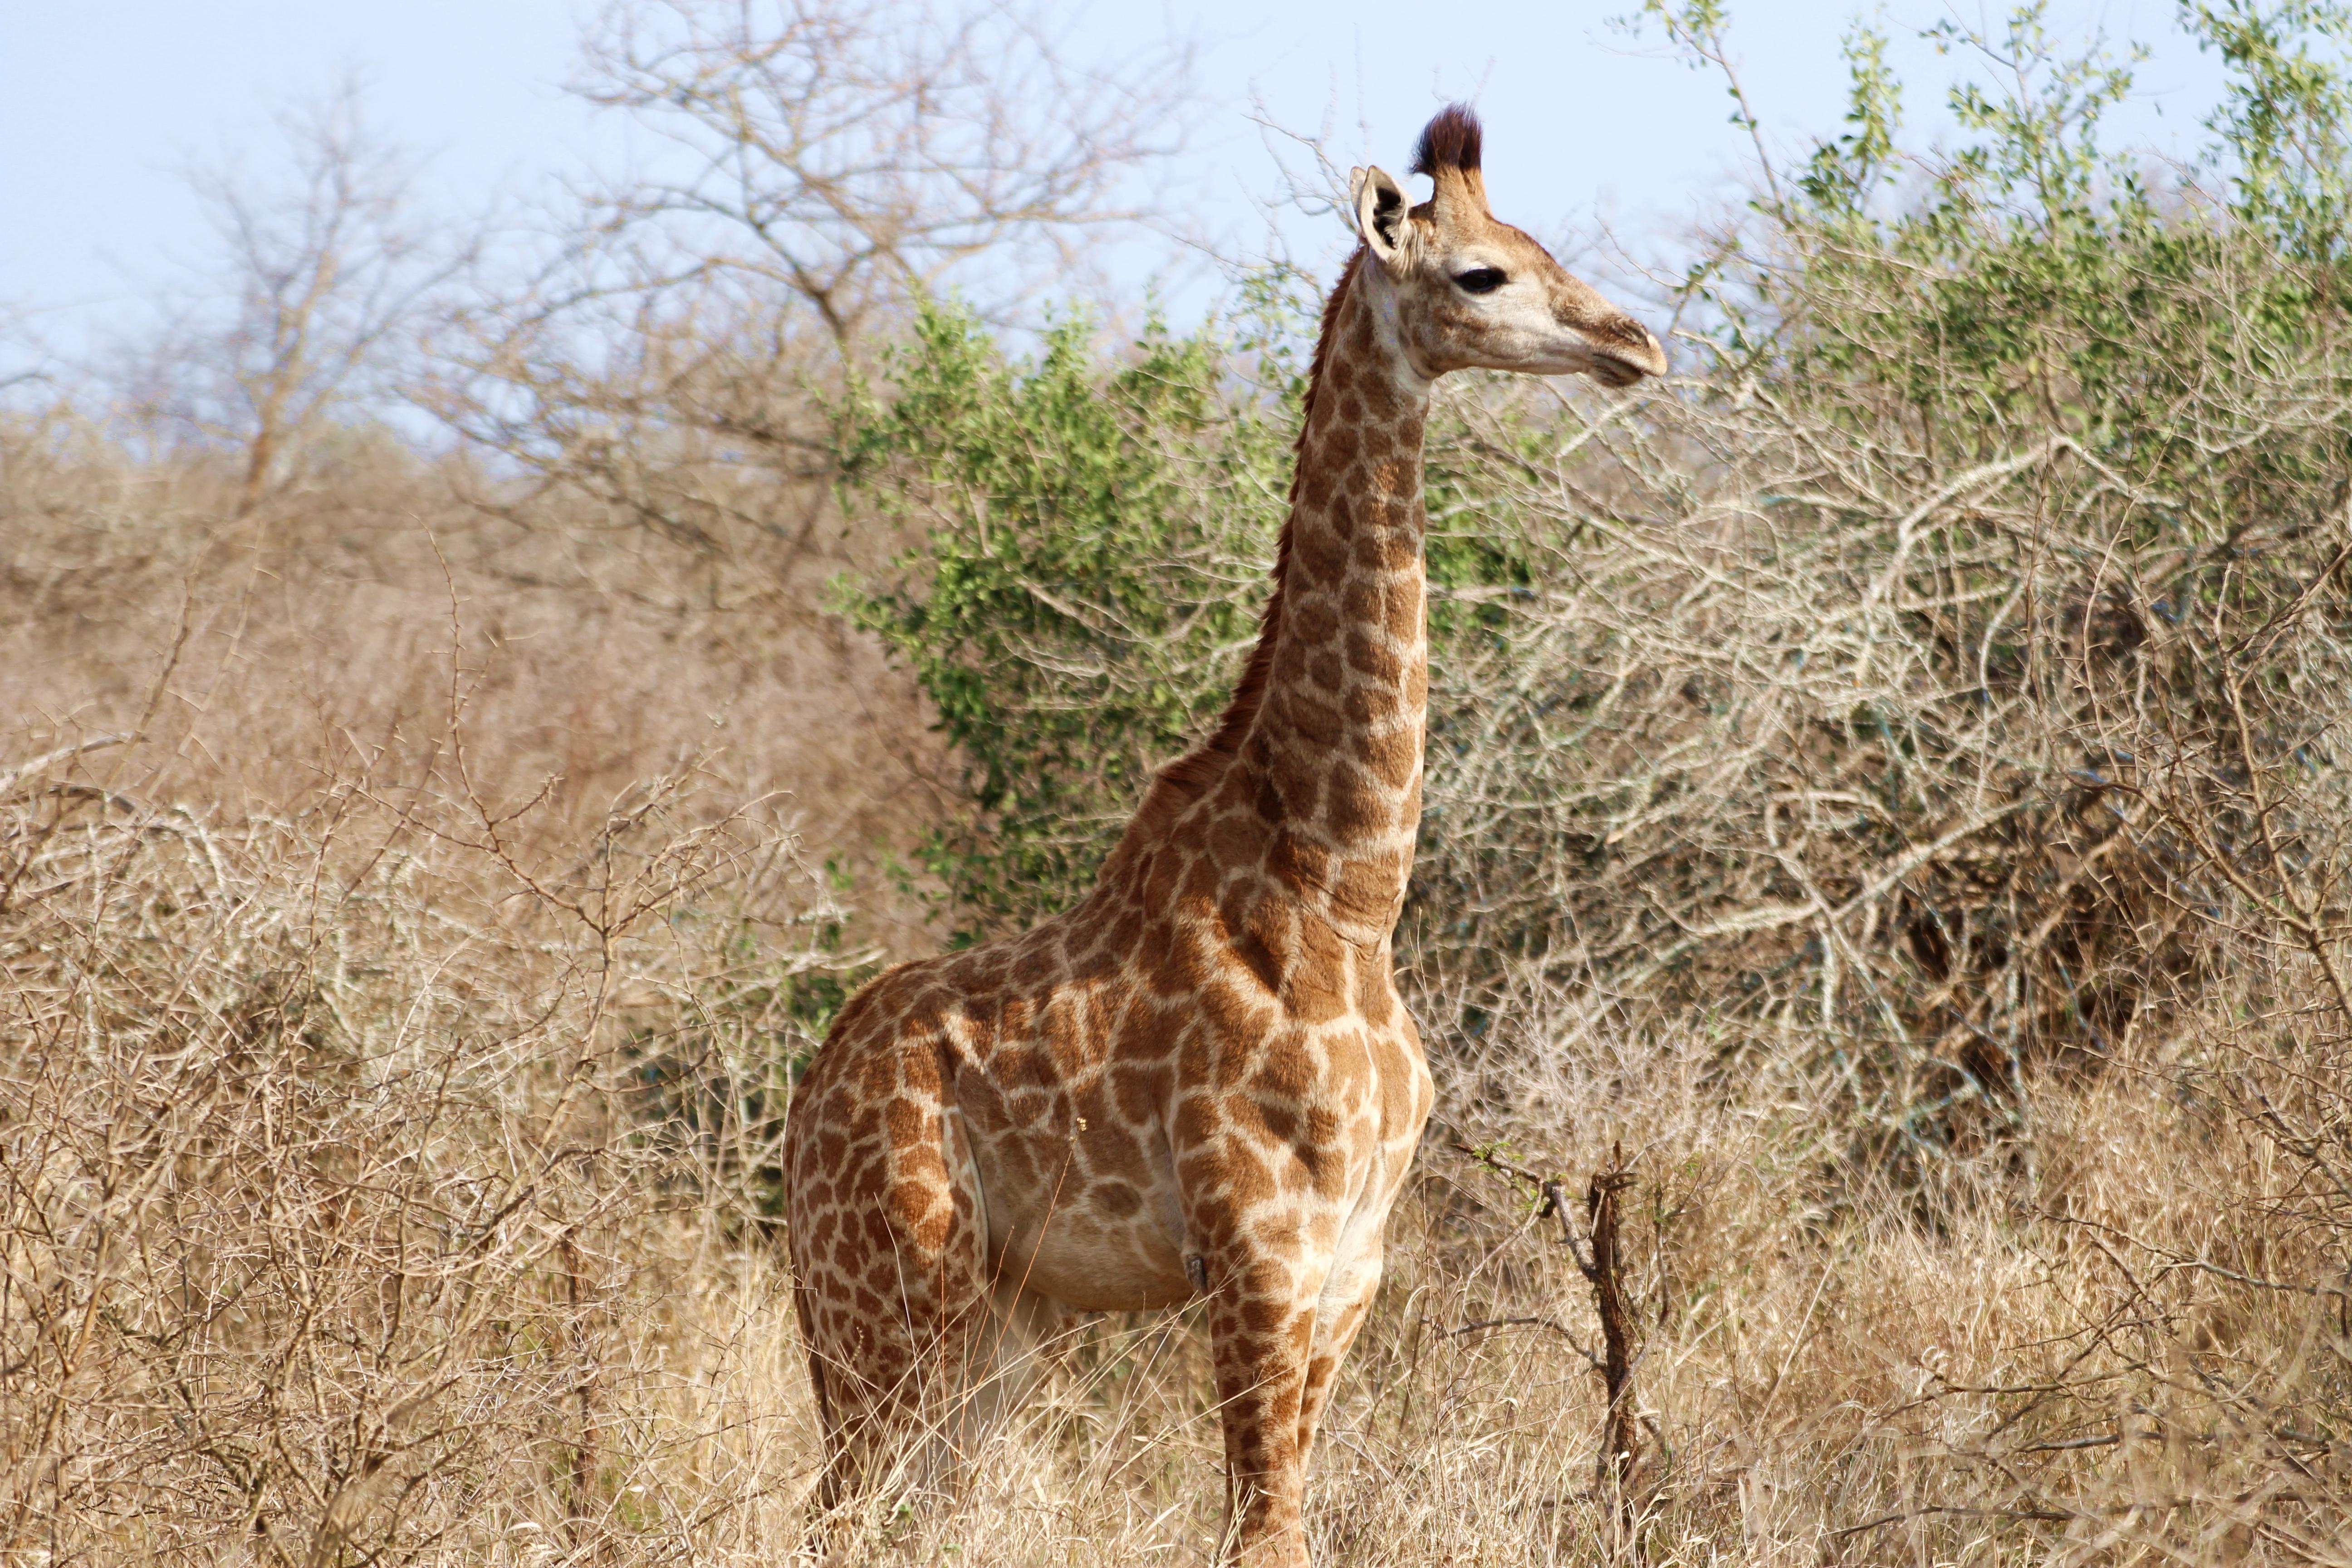 Kruger baby giraffe